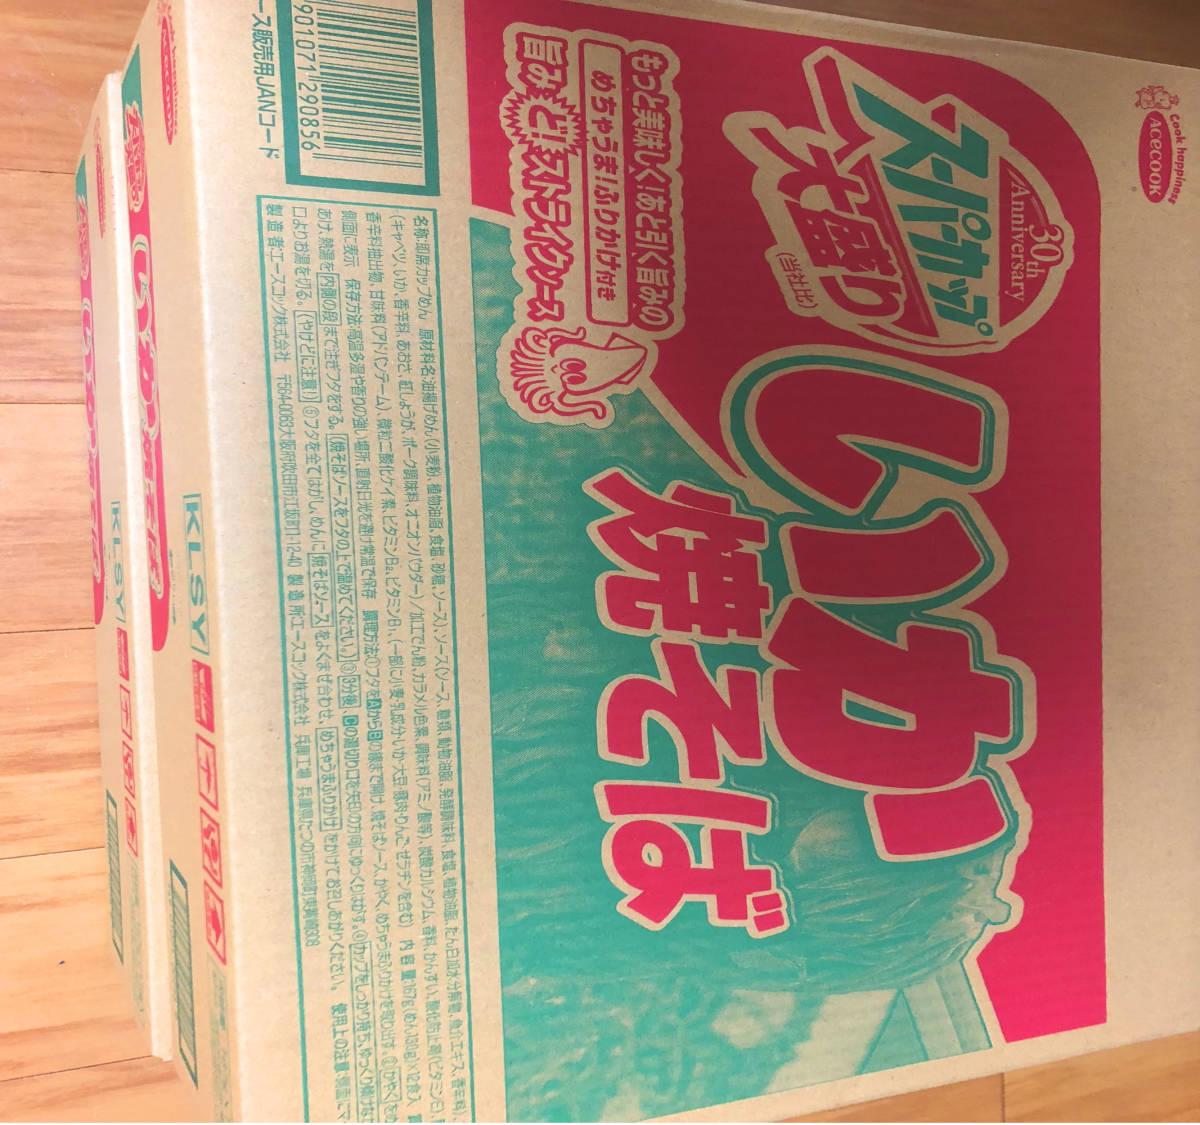 販売終了 生産終了 3ケース 36個 箱入り エースコック スーパーカップ 大盛り いか焼きそば イカ焼きそば 焼きそば いか焼そば 12個×3